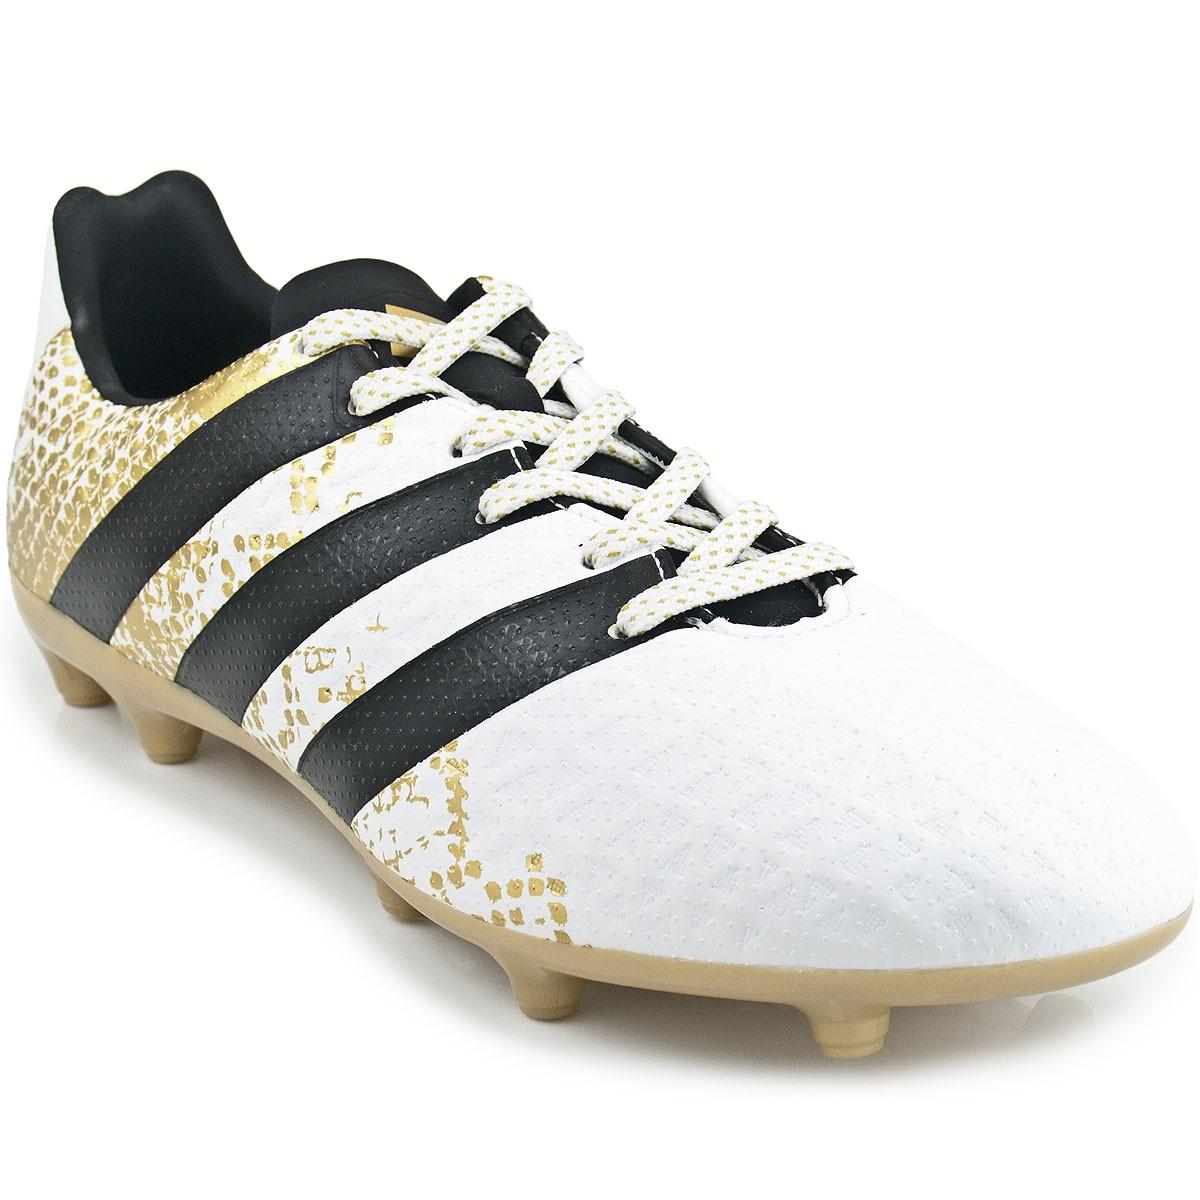 7cbd21d84c Chuteira Adidas Ace 16.3 FG